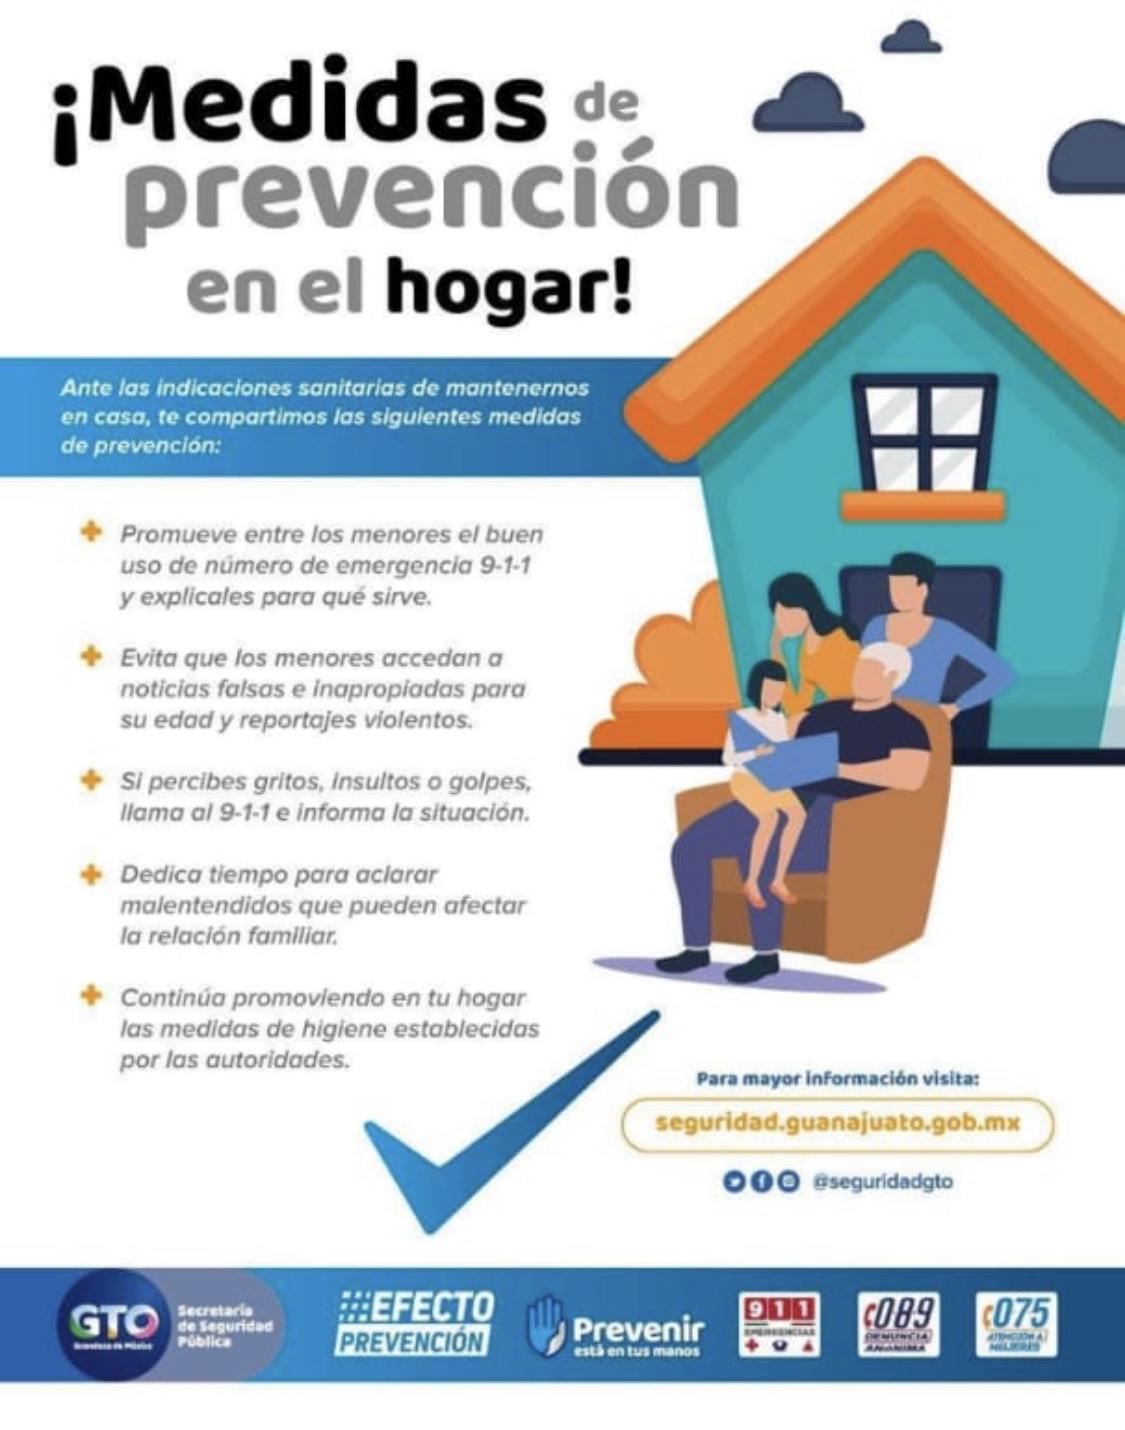 Invitan a seguir medidas de prevención en el hogar